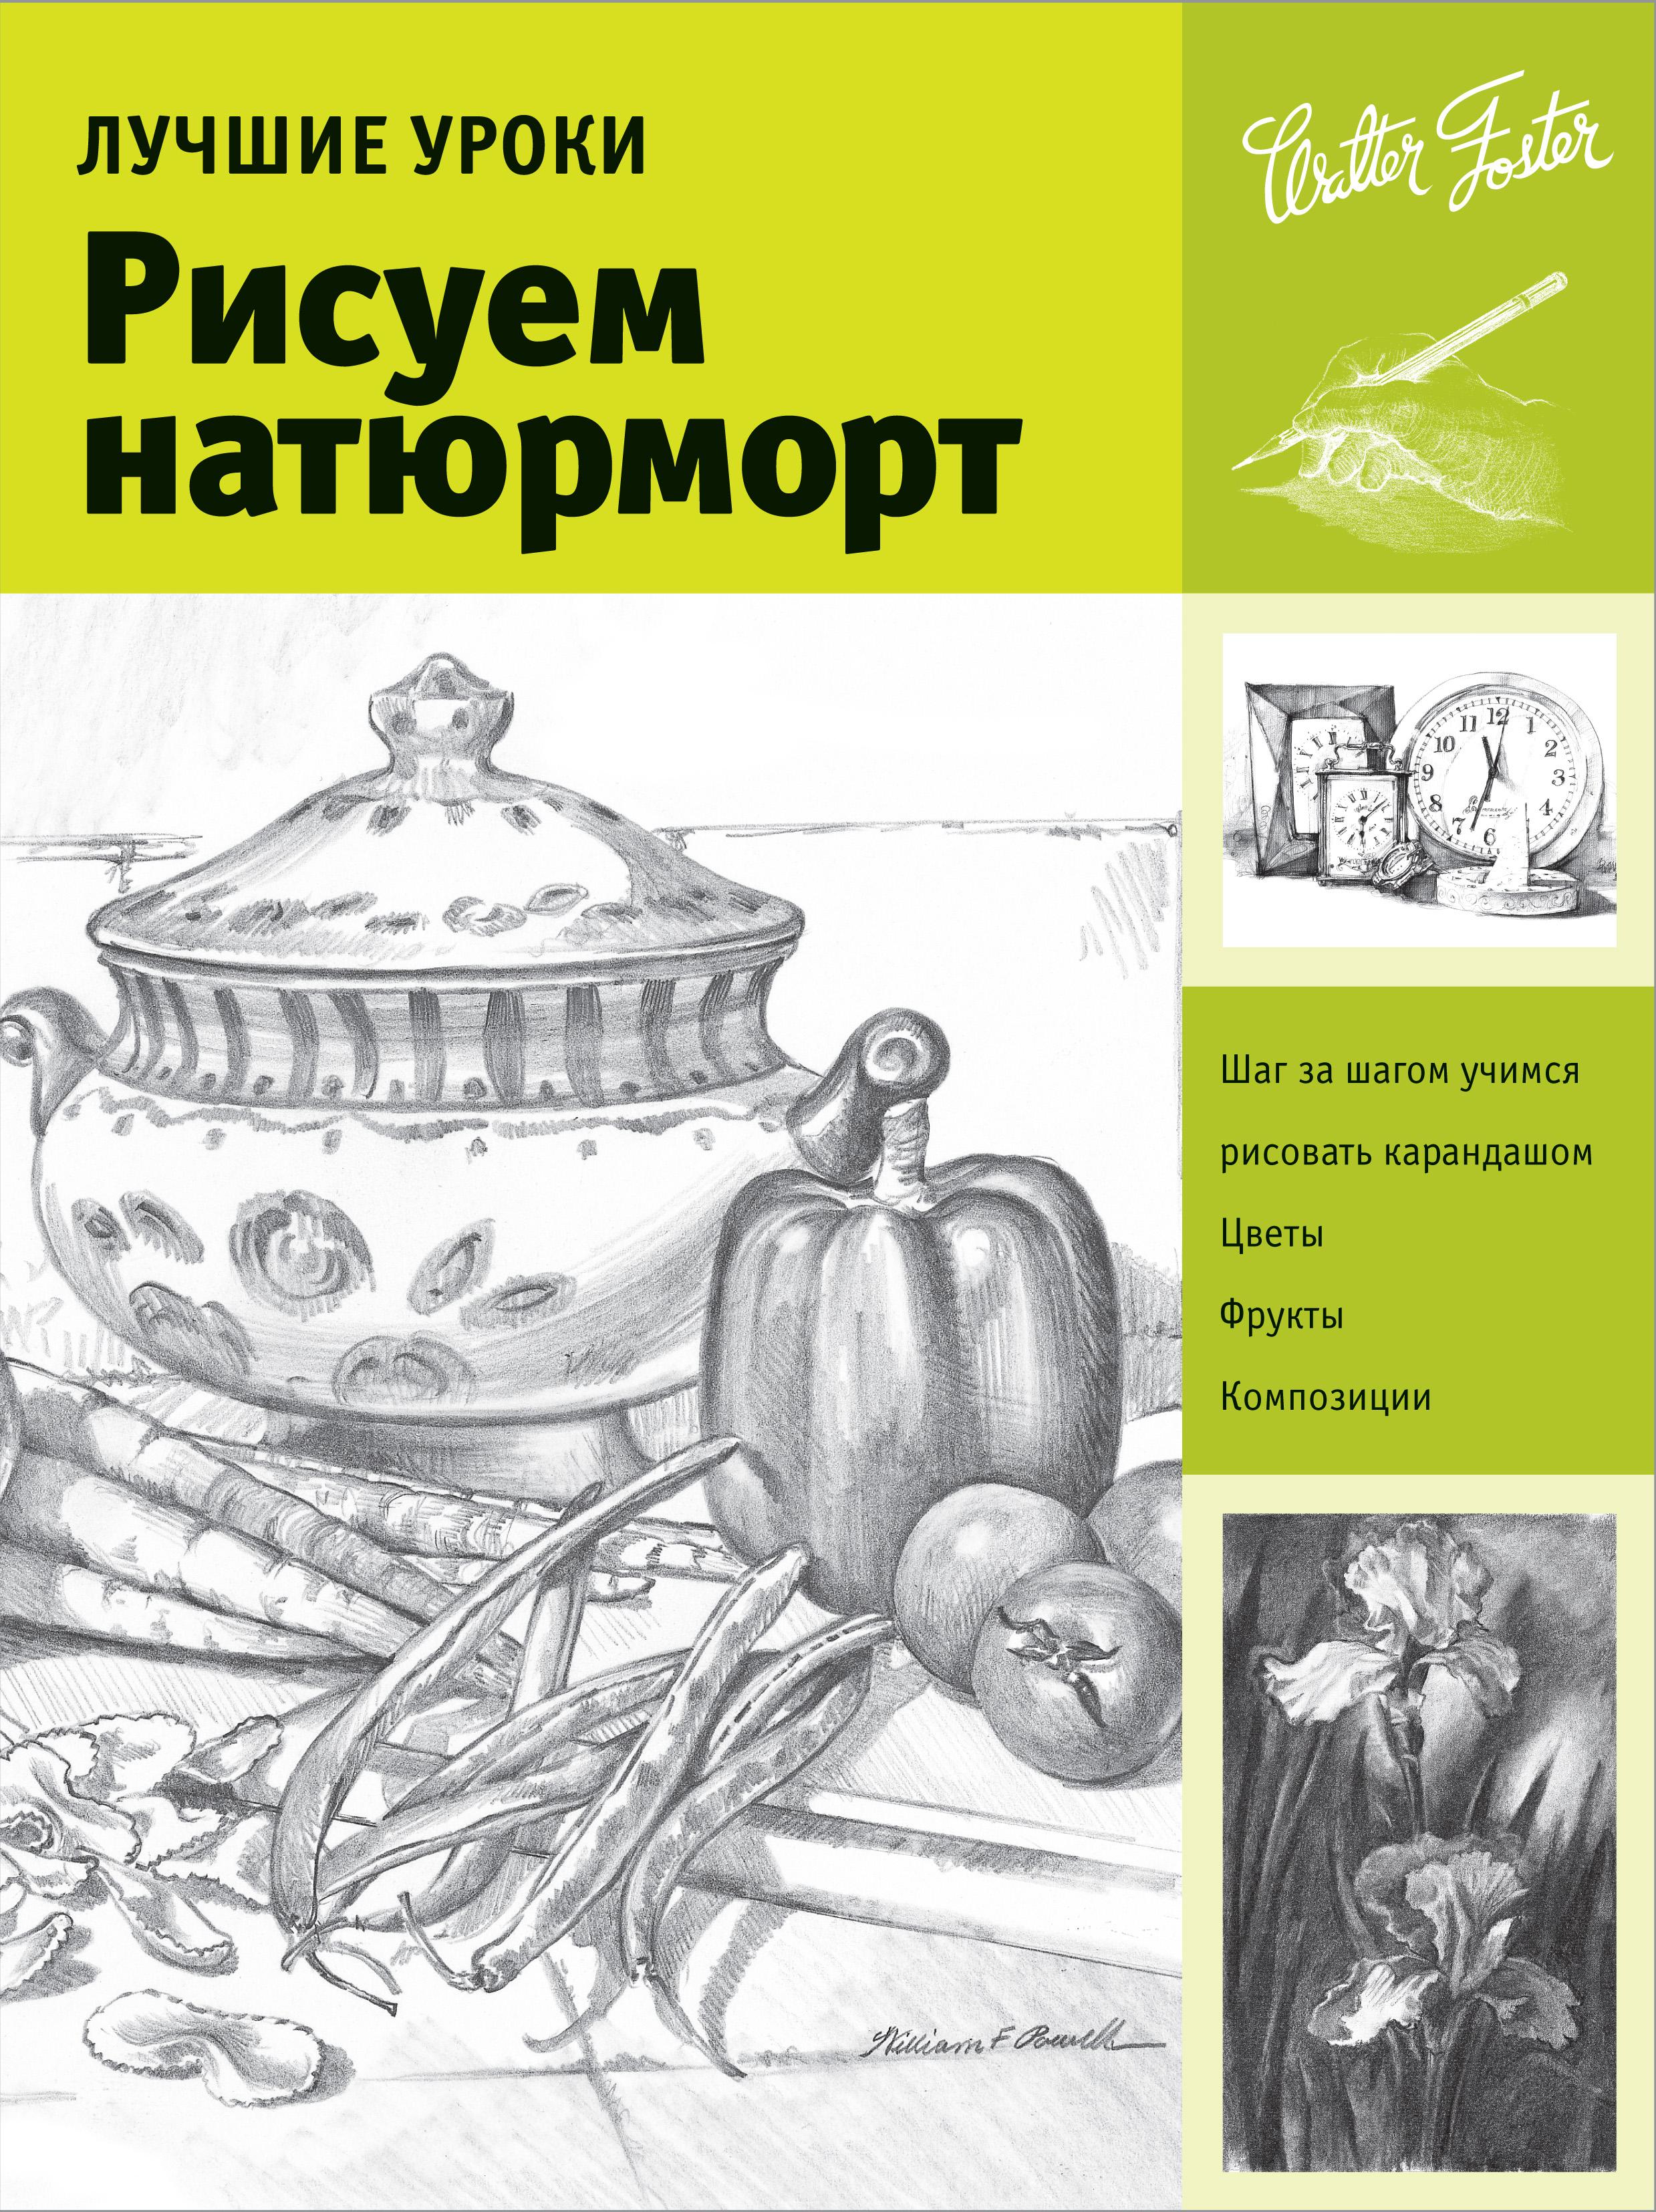 Рисуем натюрморт